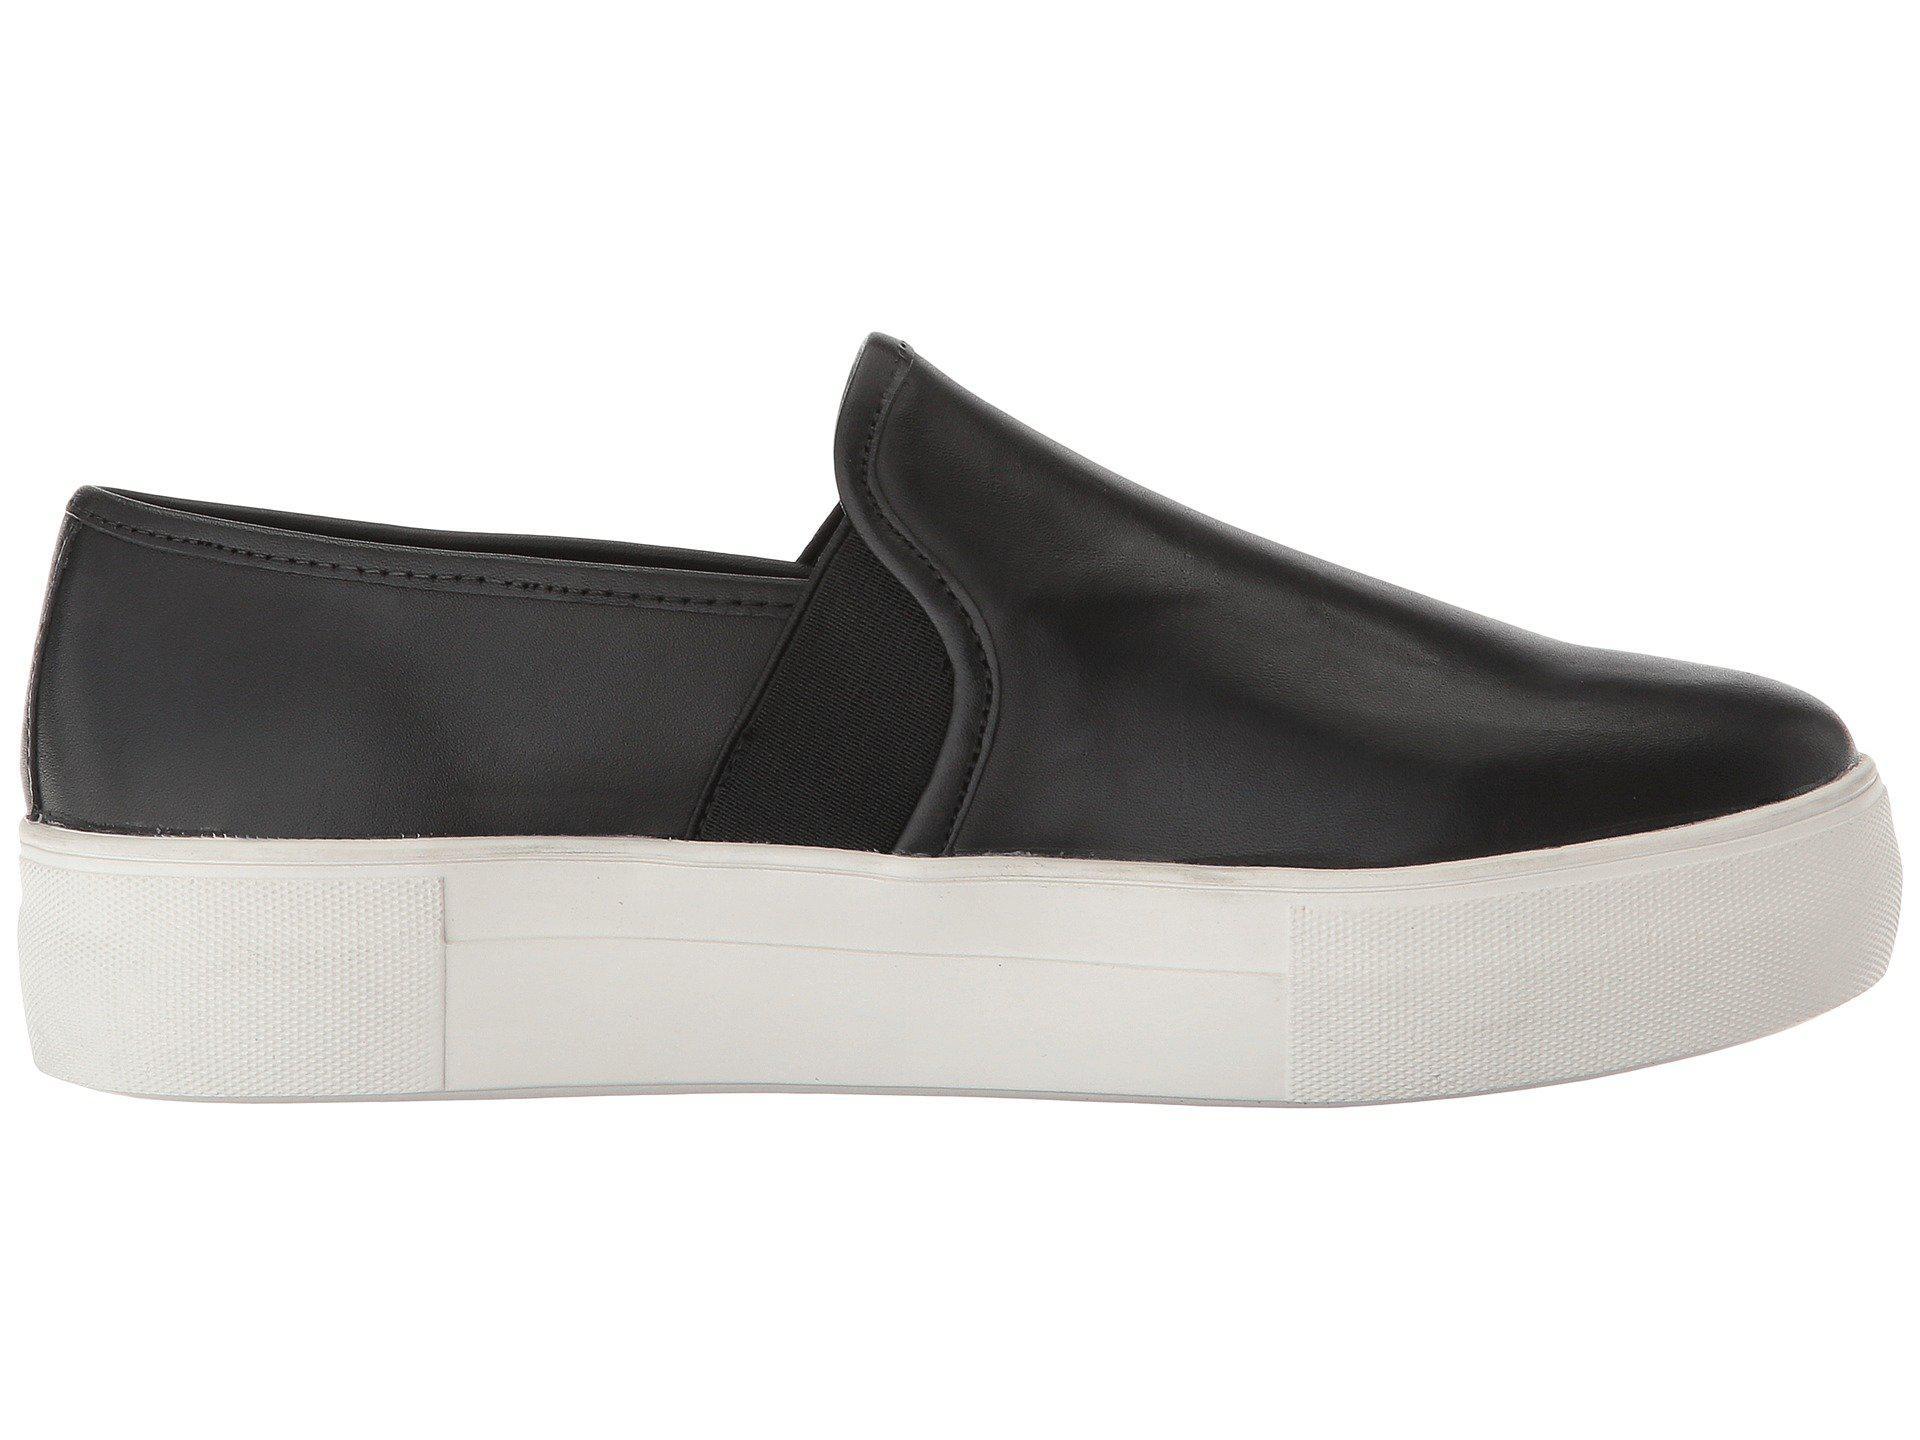 Blondo Rubber Glance Waterproof Sneaker